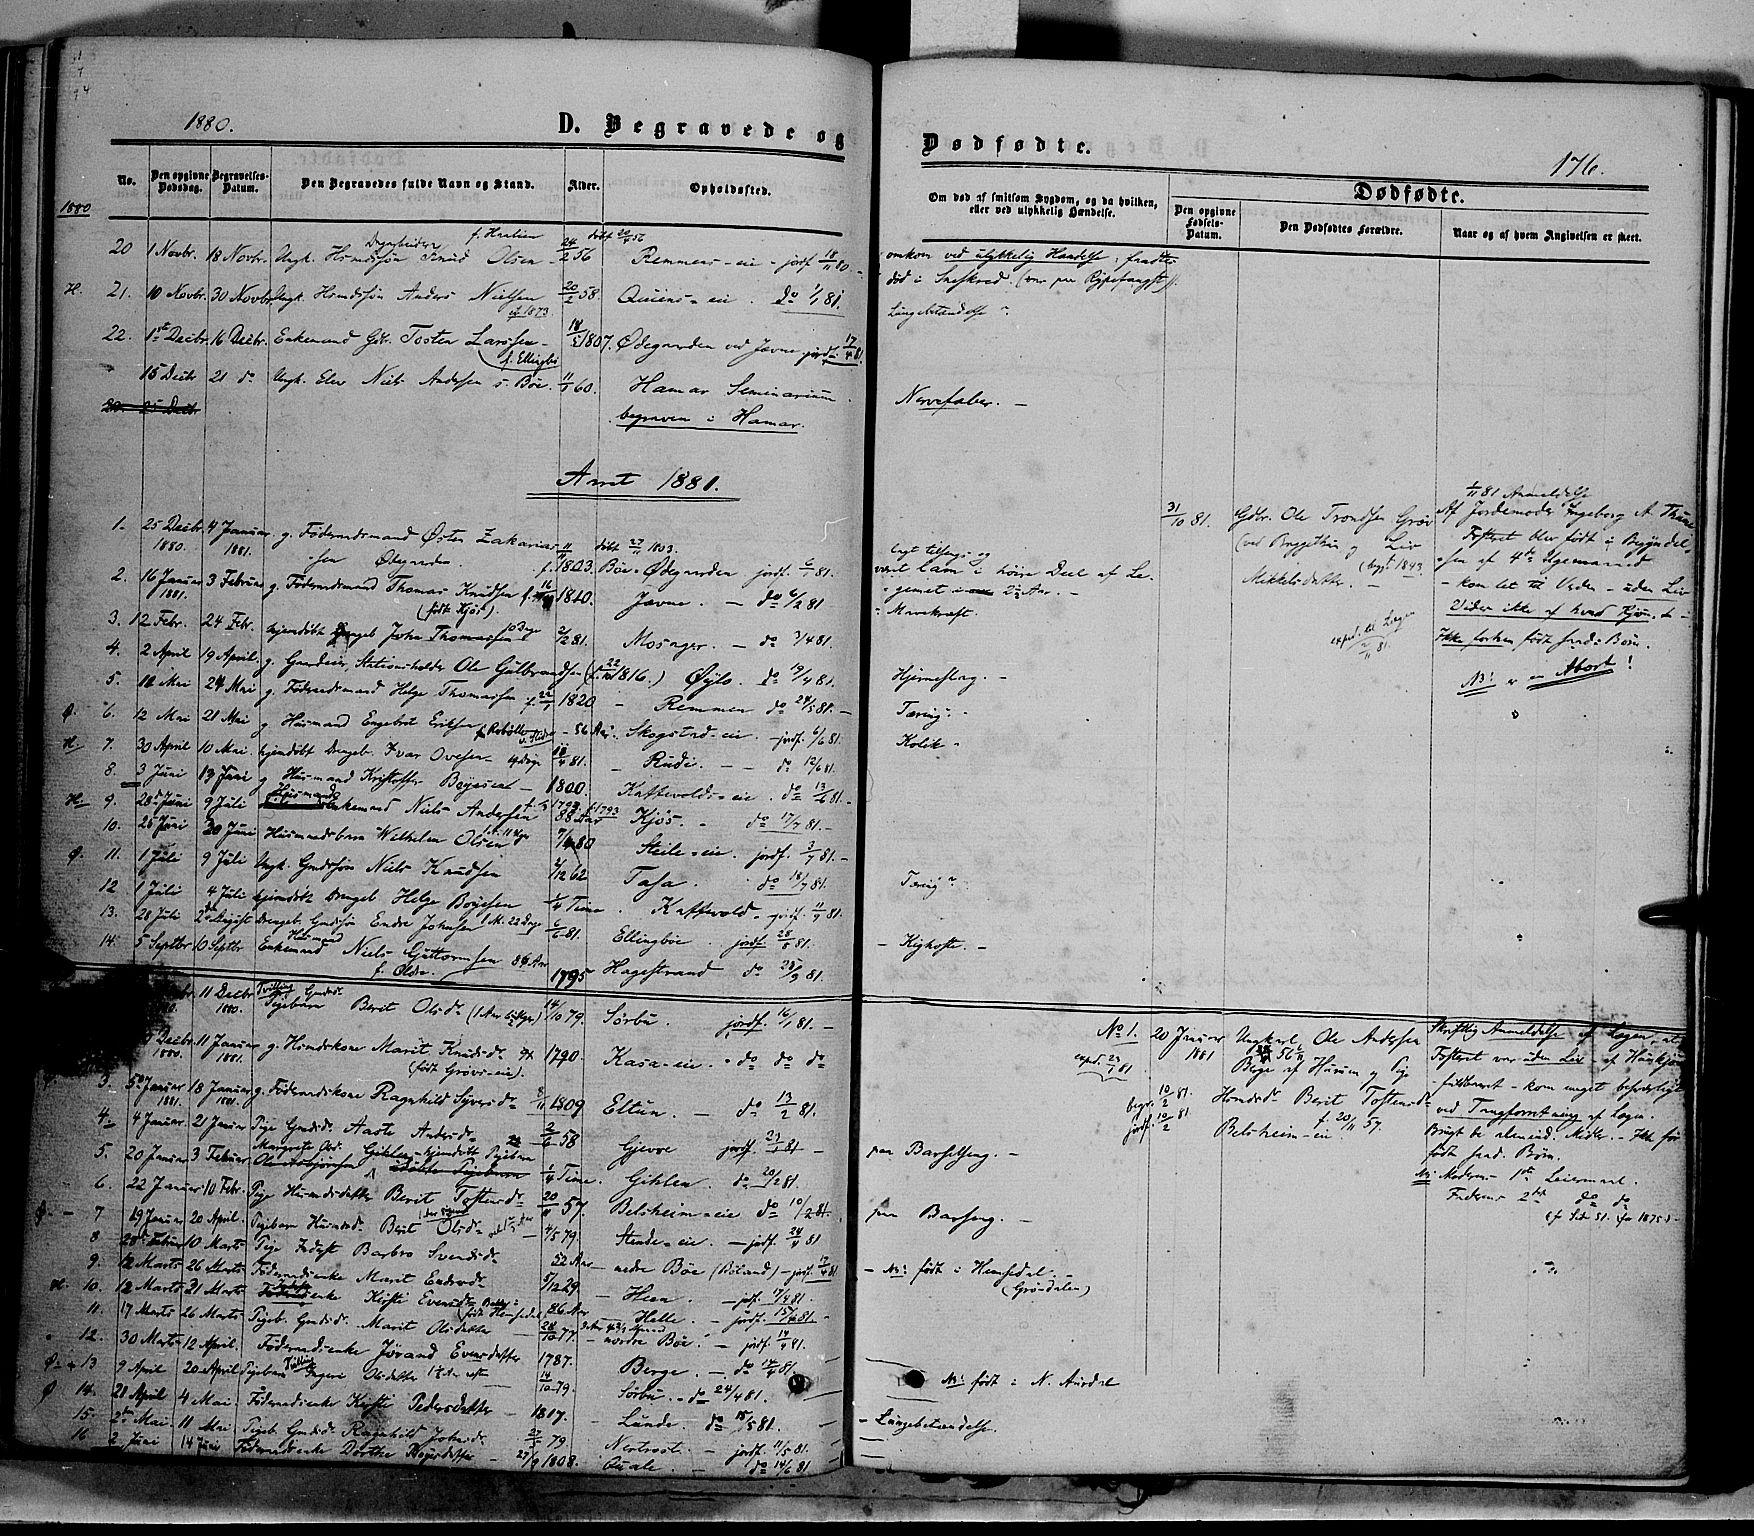 SAH, Vang prestekontor, Valdres, Ministerialbok nr. 7, 1865-1881, s. 176